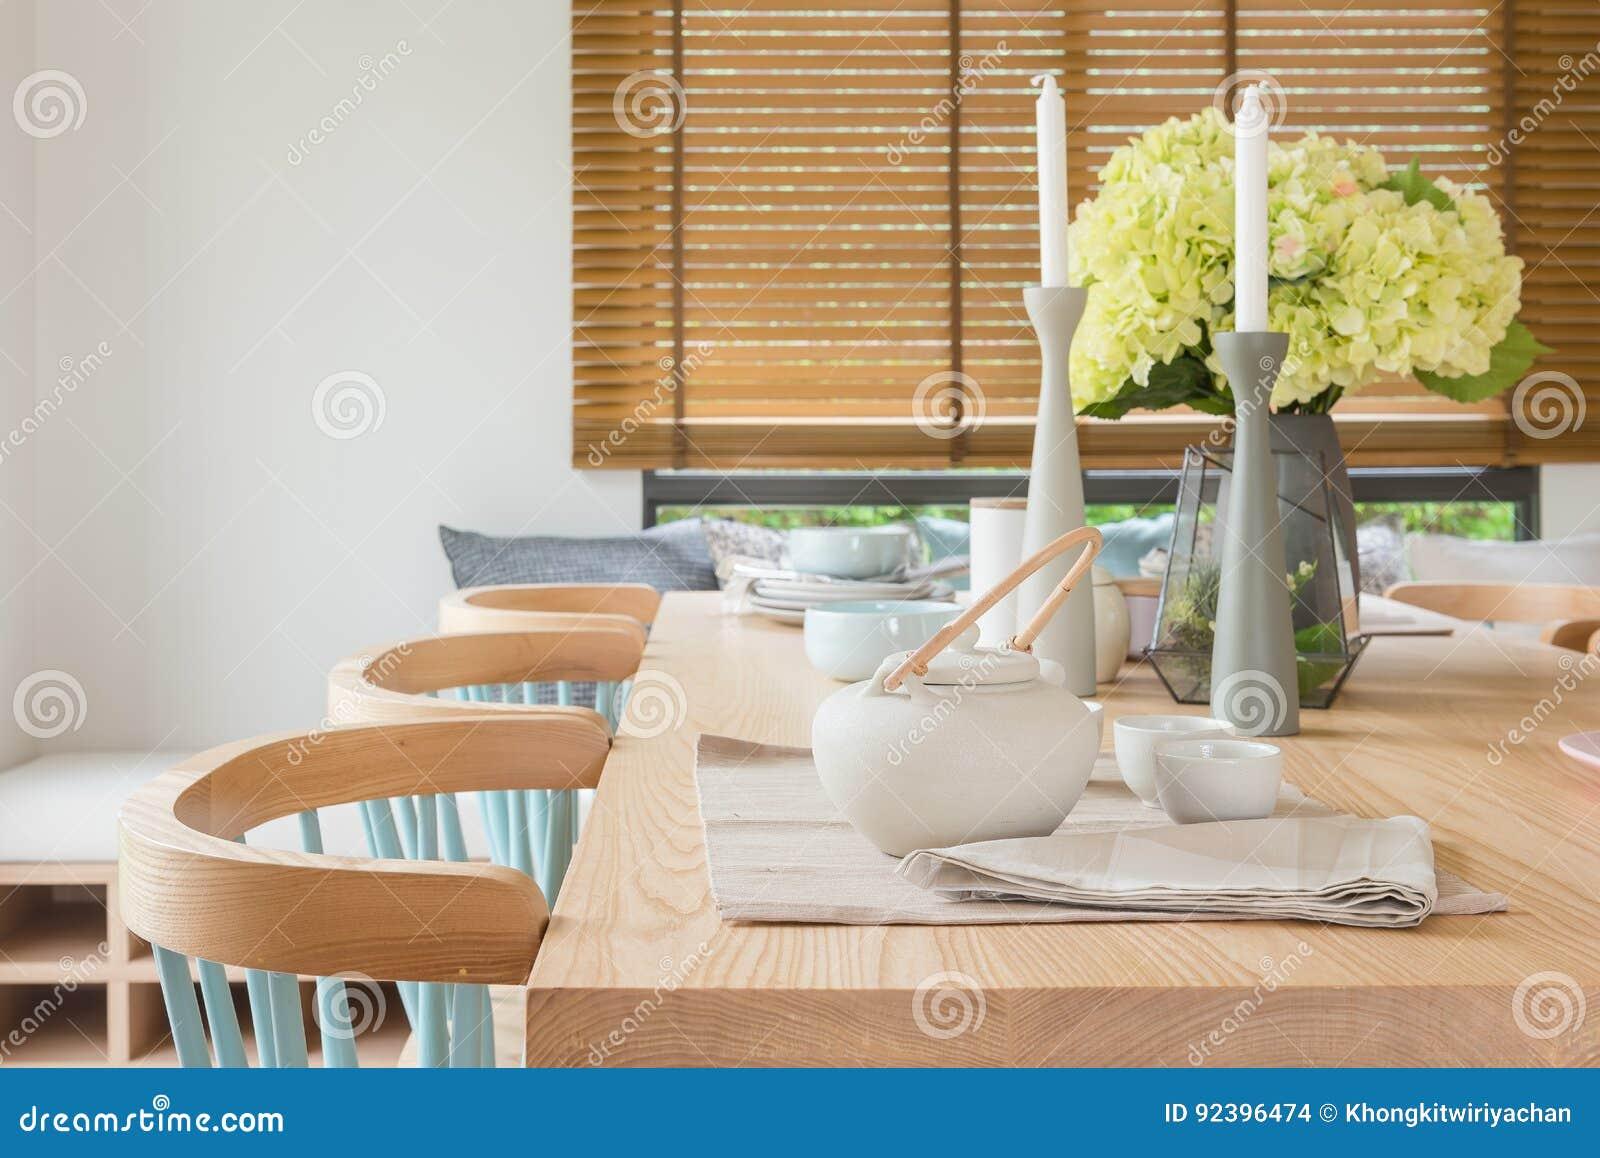 Tavolo Vetro Sala Da Pranzo.Tavolo Da Pranzo Di Legno Nella Sala Da Pranzo Moderna Con L Insieme